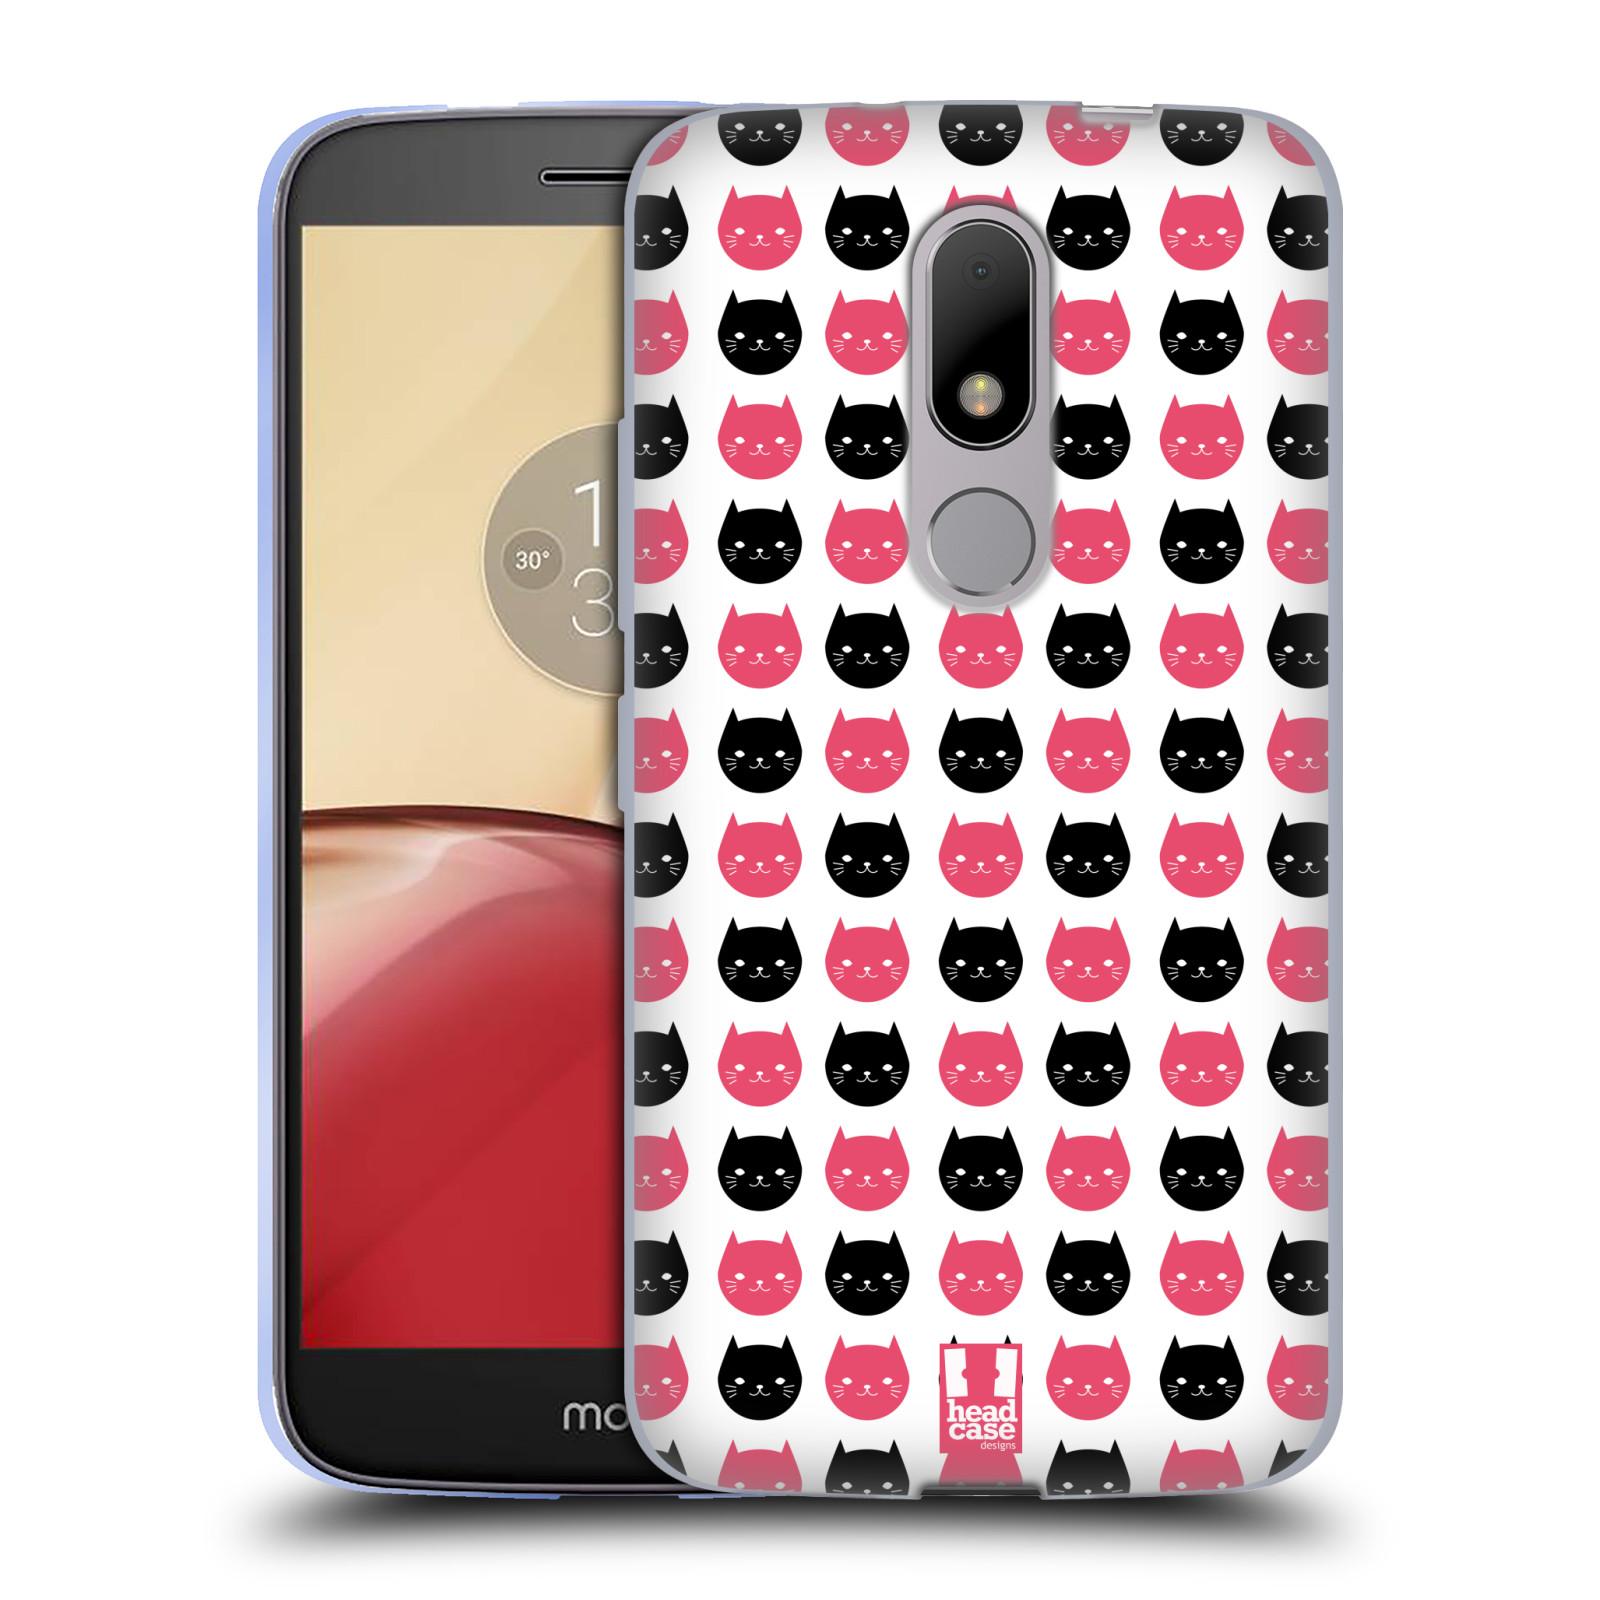 Silikonové pouzdro na mobil Lenovo Moto M - Head Case KOČKY Black and Pink (Silikonový kryt či obal na mobilní telefon Lenovo Moto M (Dual Sim))